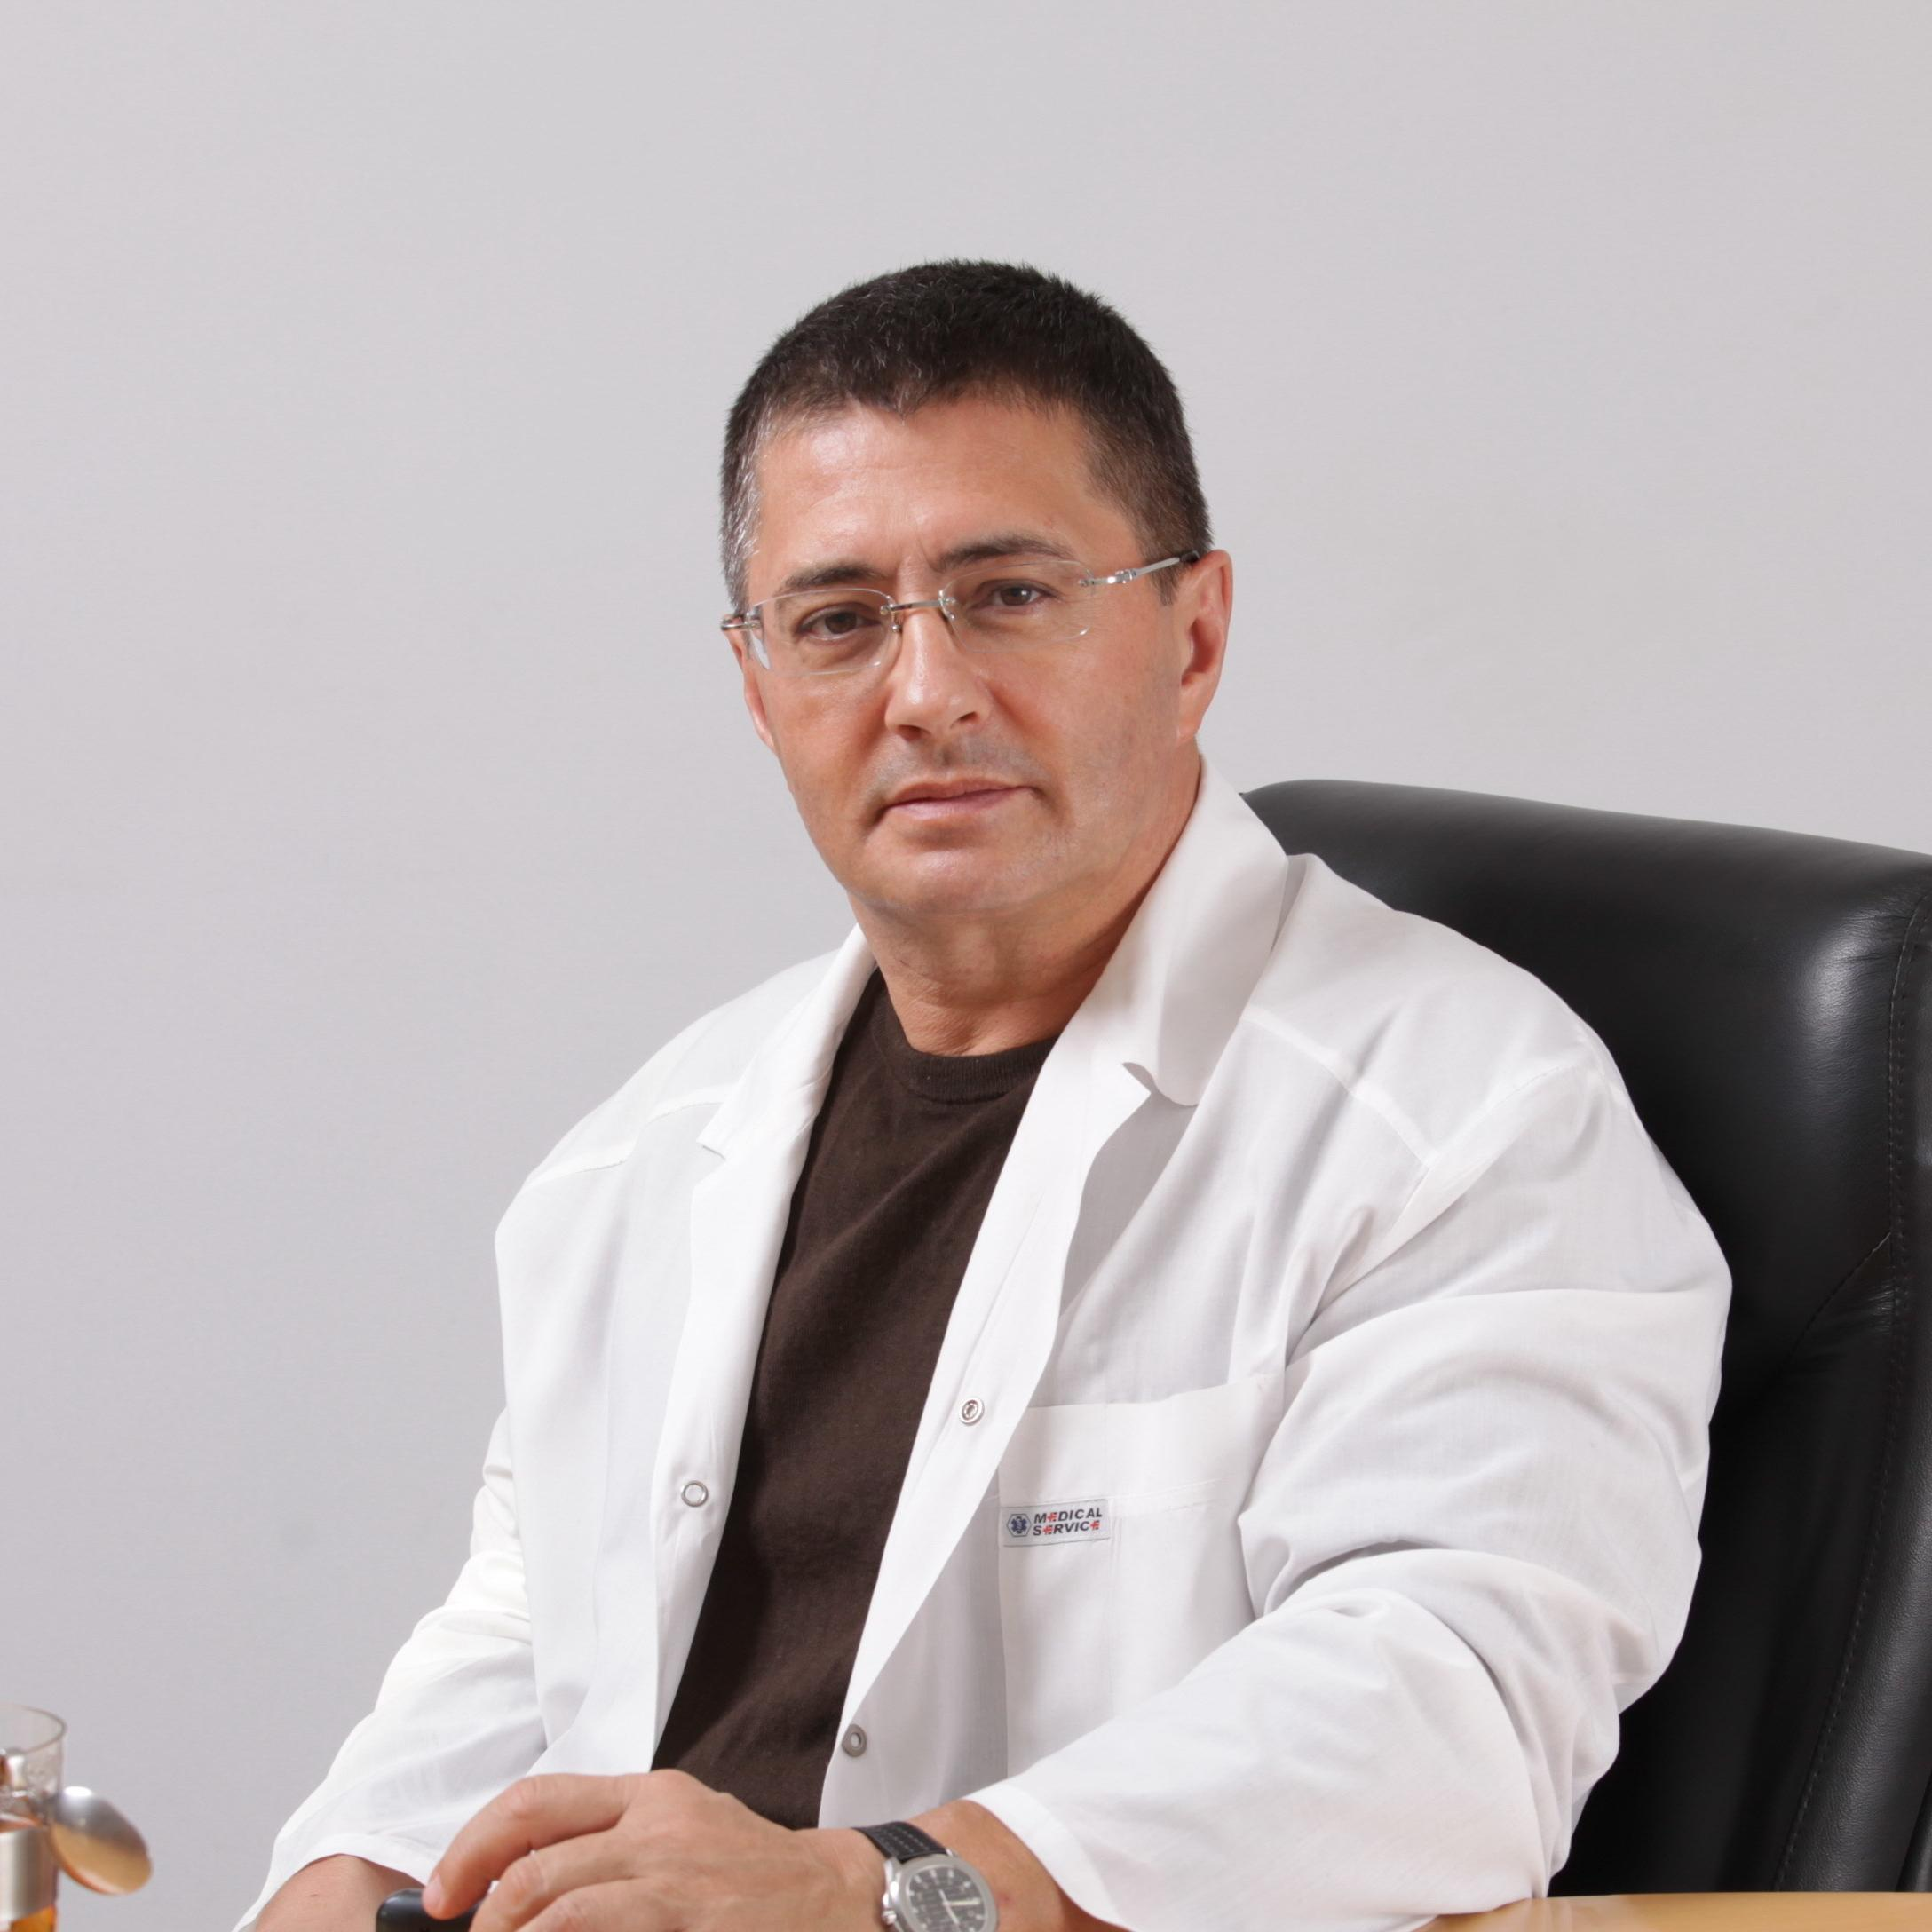 Доктор Мясников спрогнозировал будущее после завершения пандемии